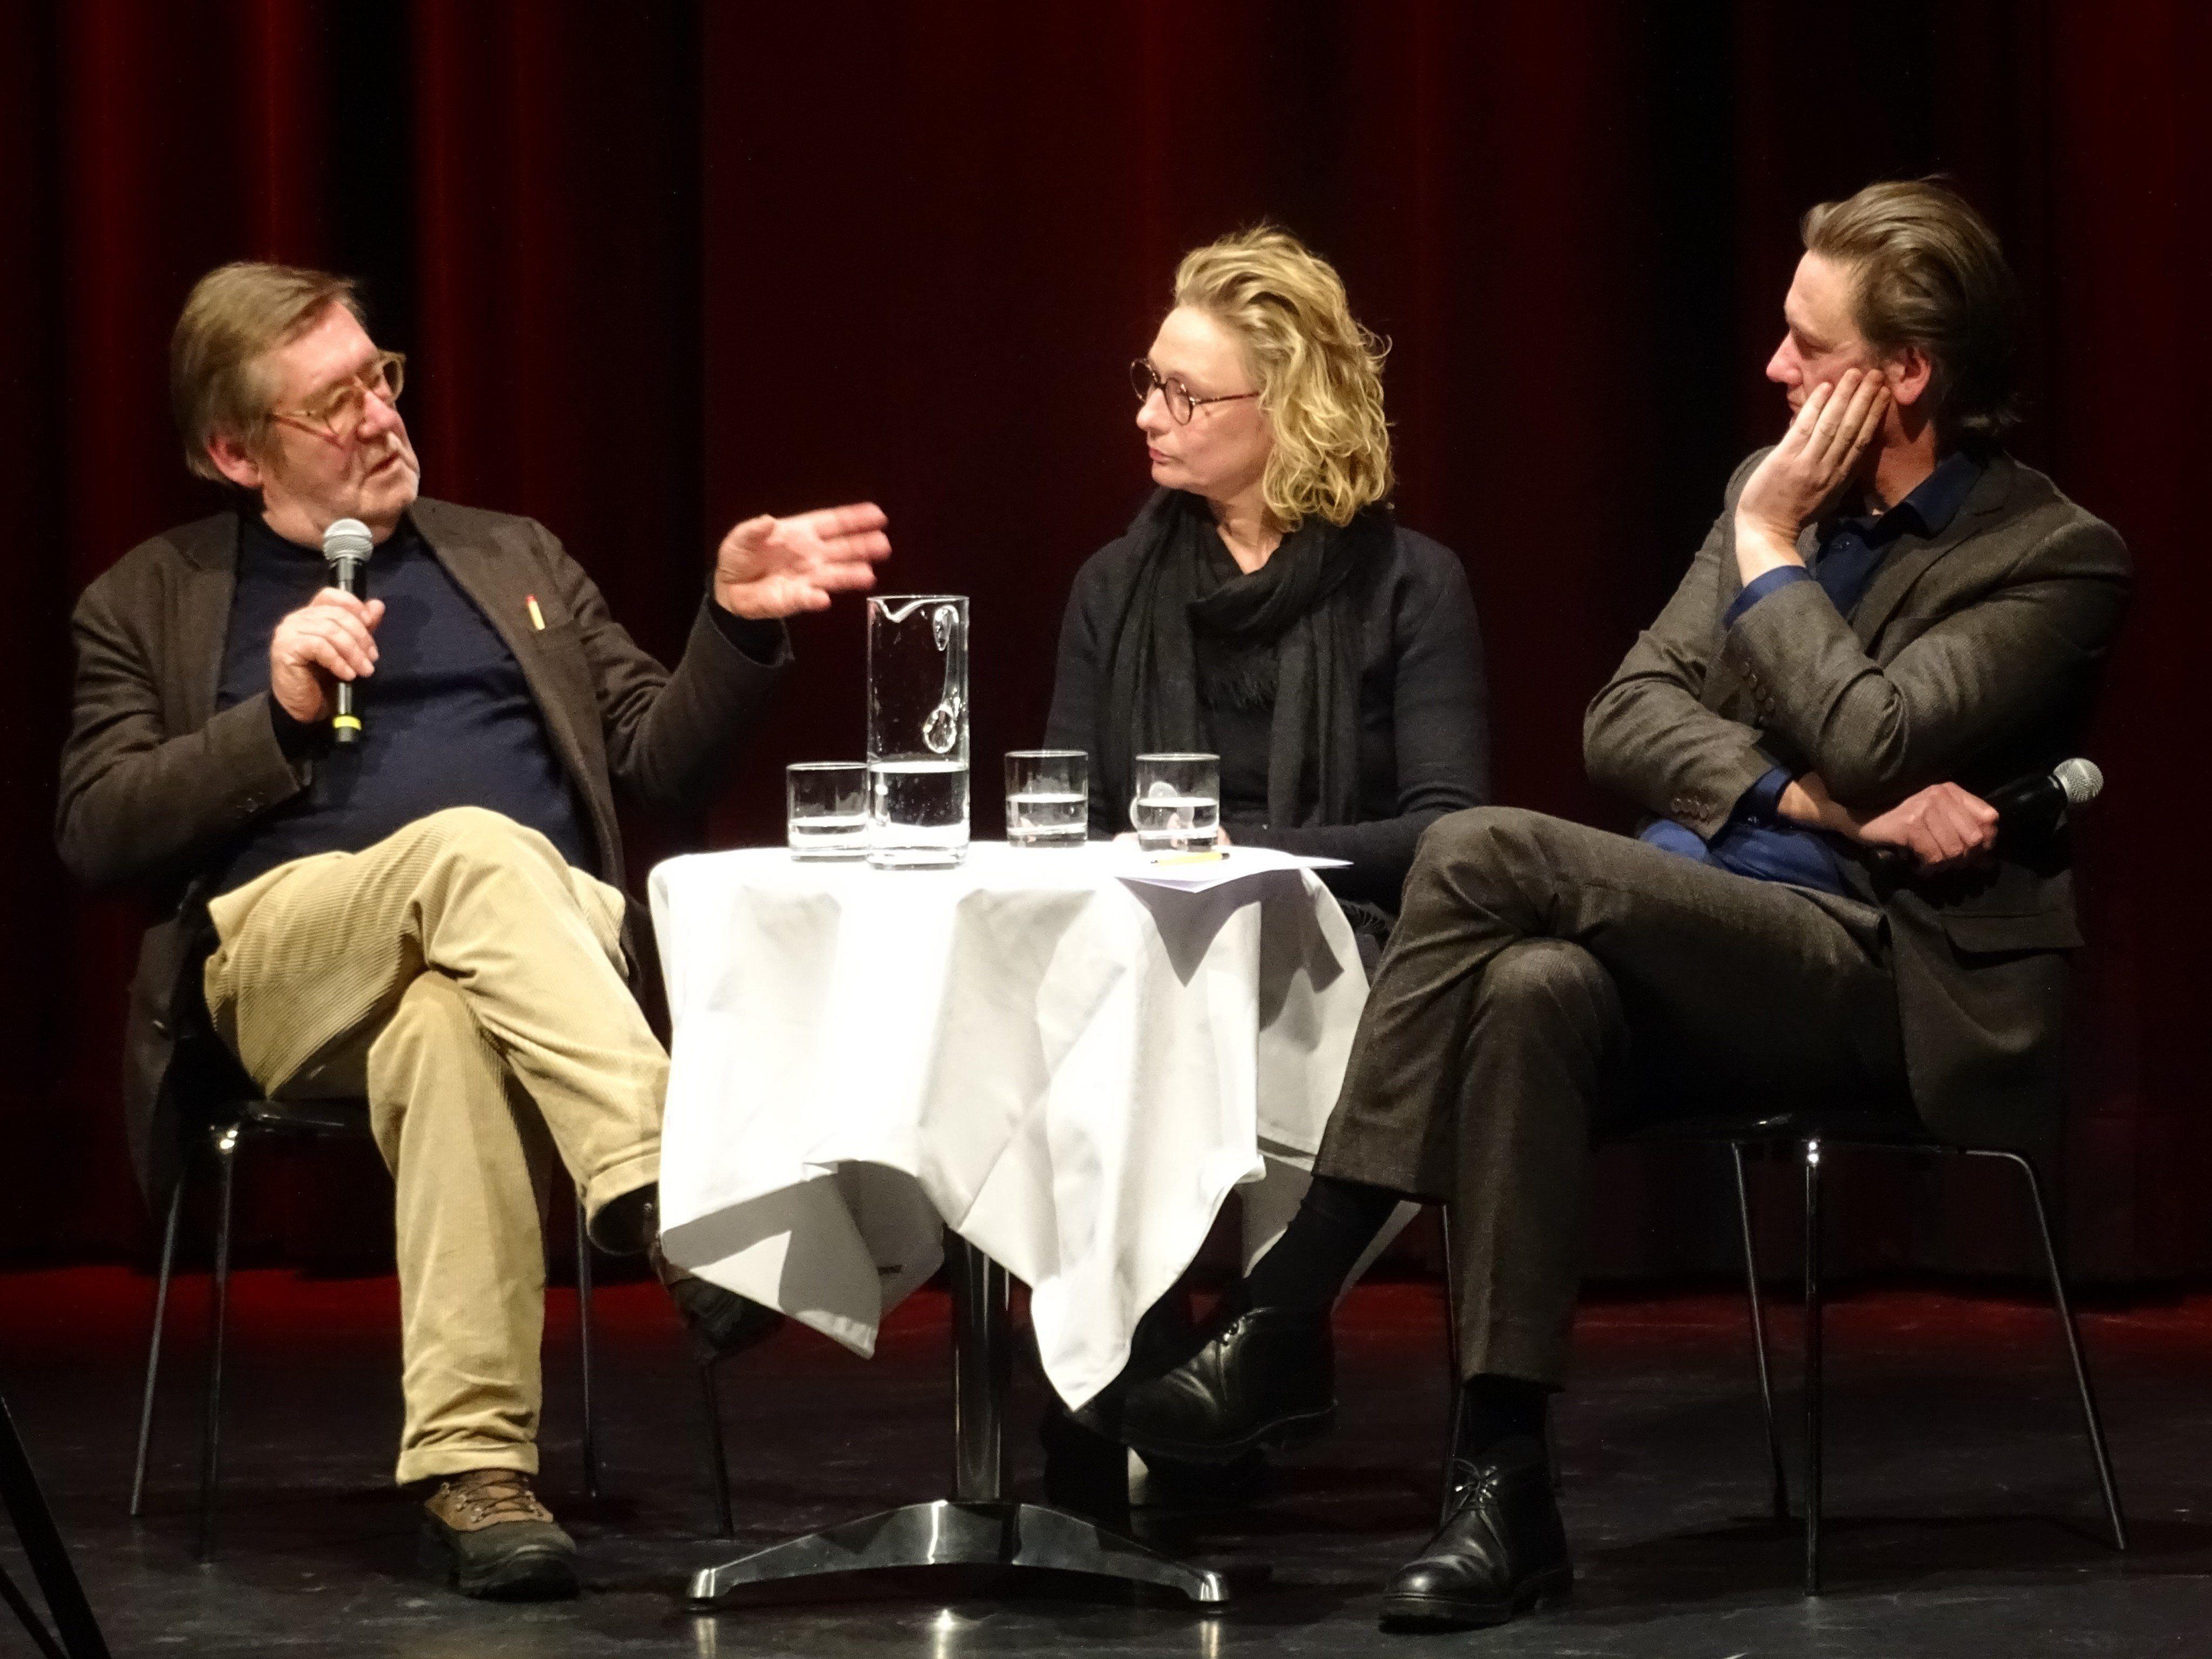 Die beiden Künstler Gottfried Bechthold und Thomas Feuerstein diskutierten in der Remise über Begrifflichkeiten in der modernen Kunst.